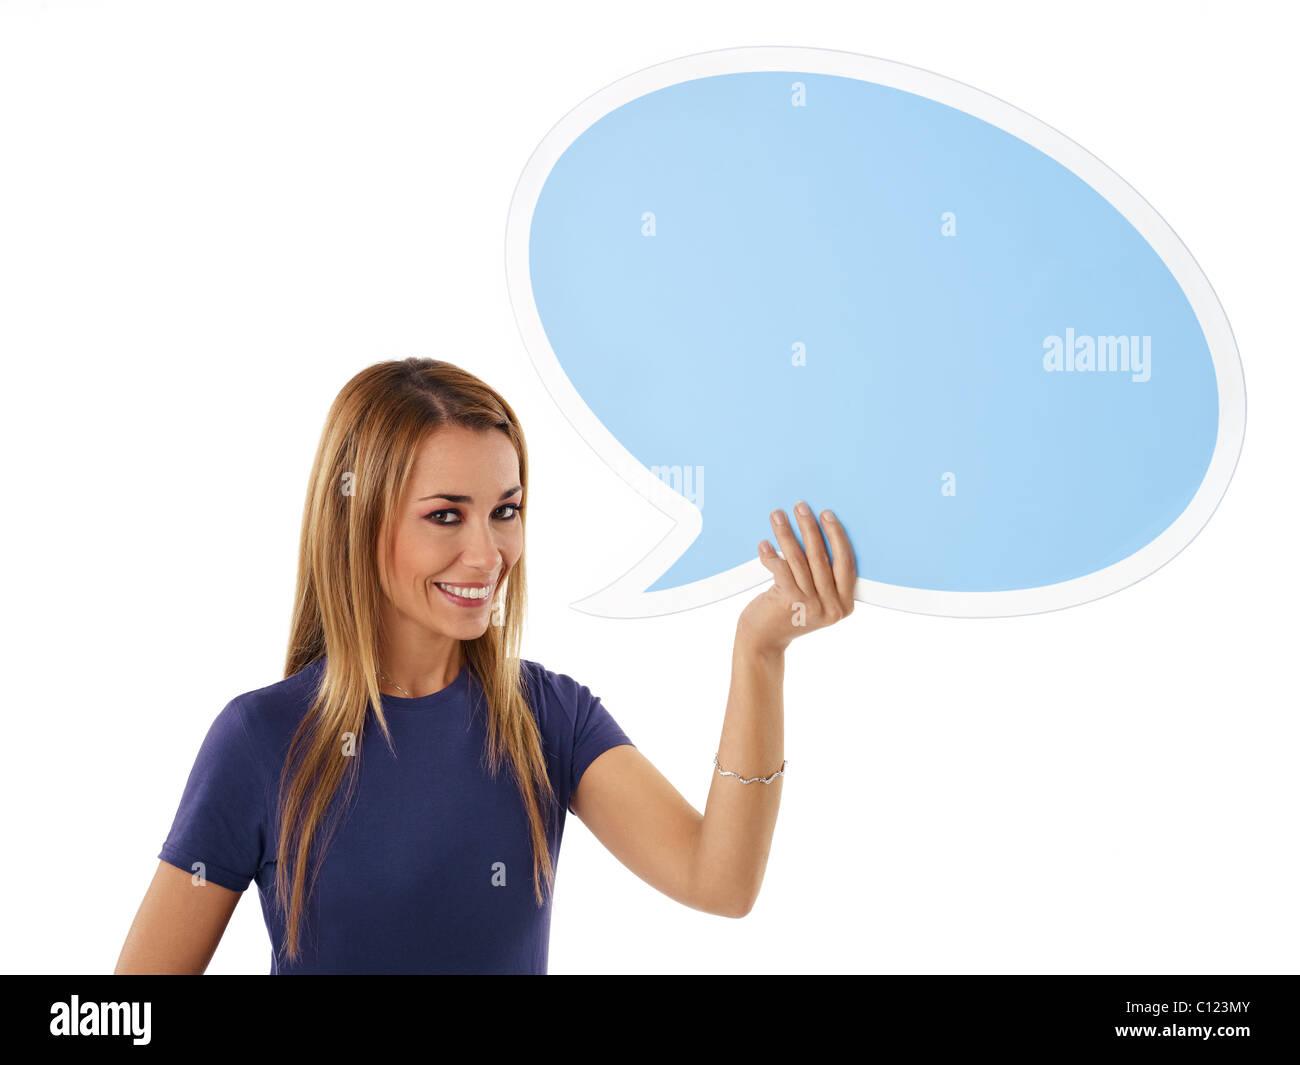 Mitte Erwachsene Frau mit leeren Sprechblase auf weißem Hintergrund. Stockbild